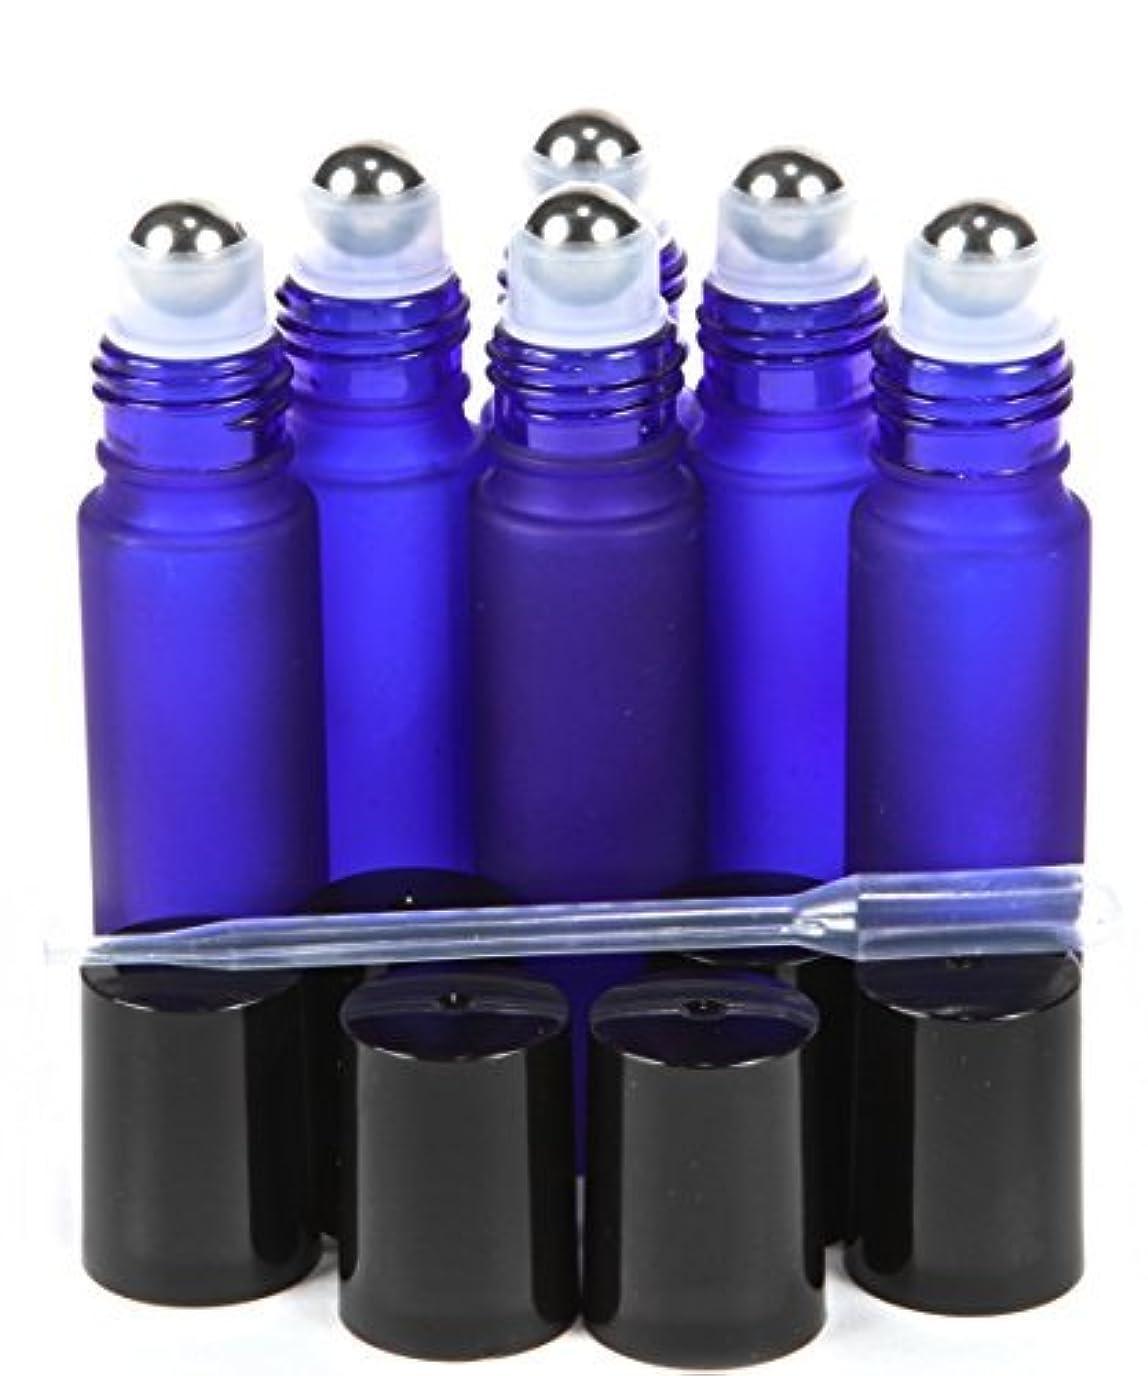 誰でも泥沼セッティング6, Frosted, Cobalt Blue, 10 ml Glass Roll-on Bottles with Stainless Steel Roller Balls - .5 ml Dropper Included...